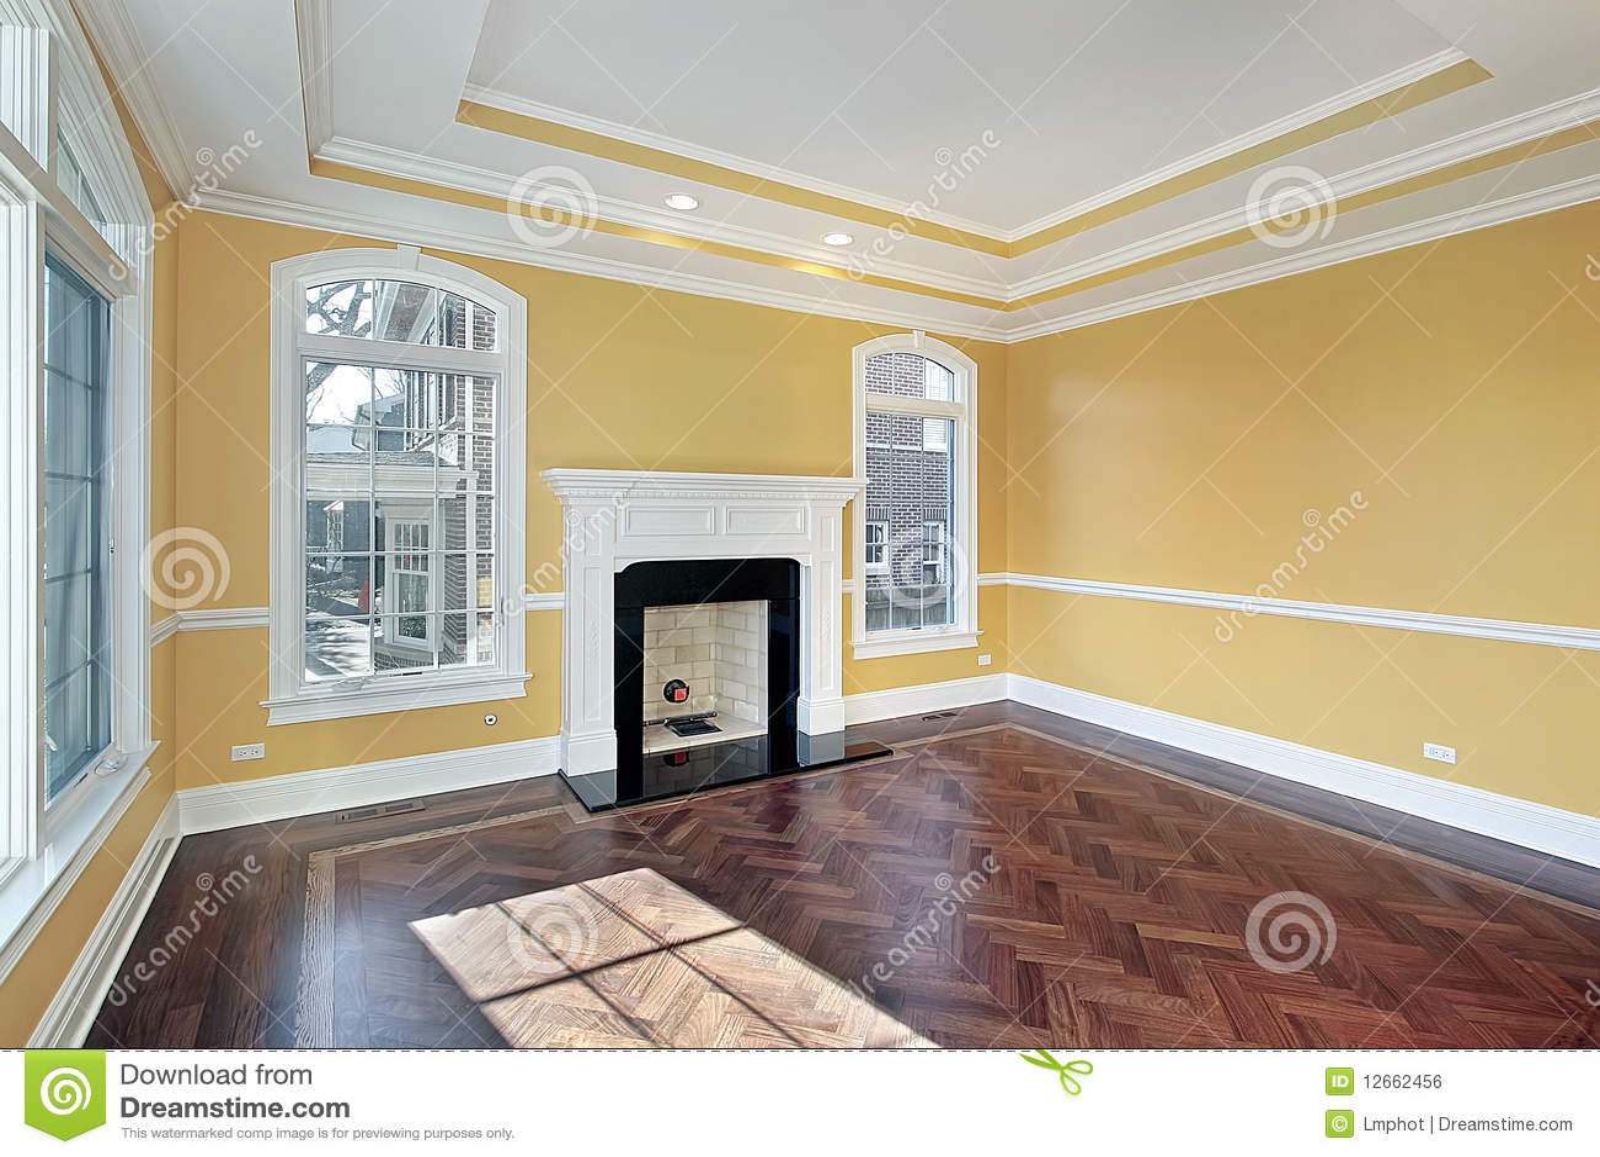 Woonkamer met gele muren royalty vrije stock afbeelding ...